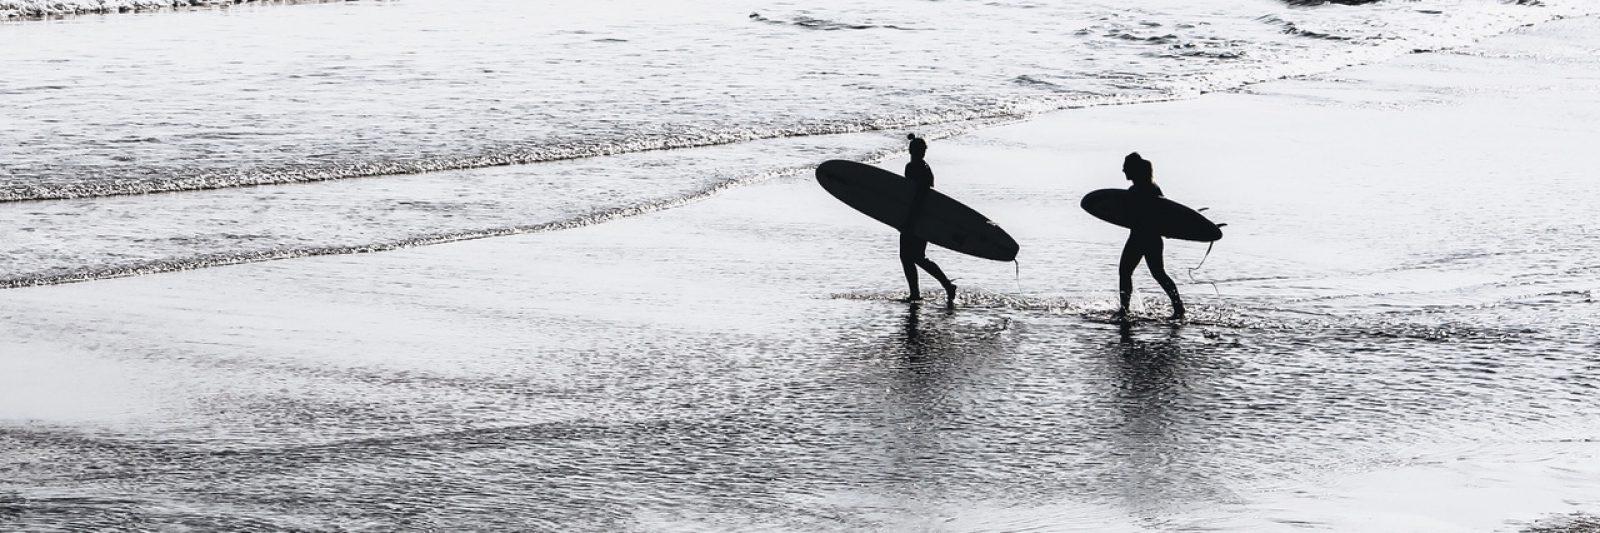 longboard singlefin surf surfing ocean